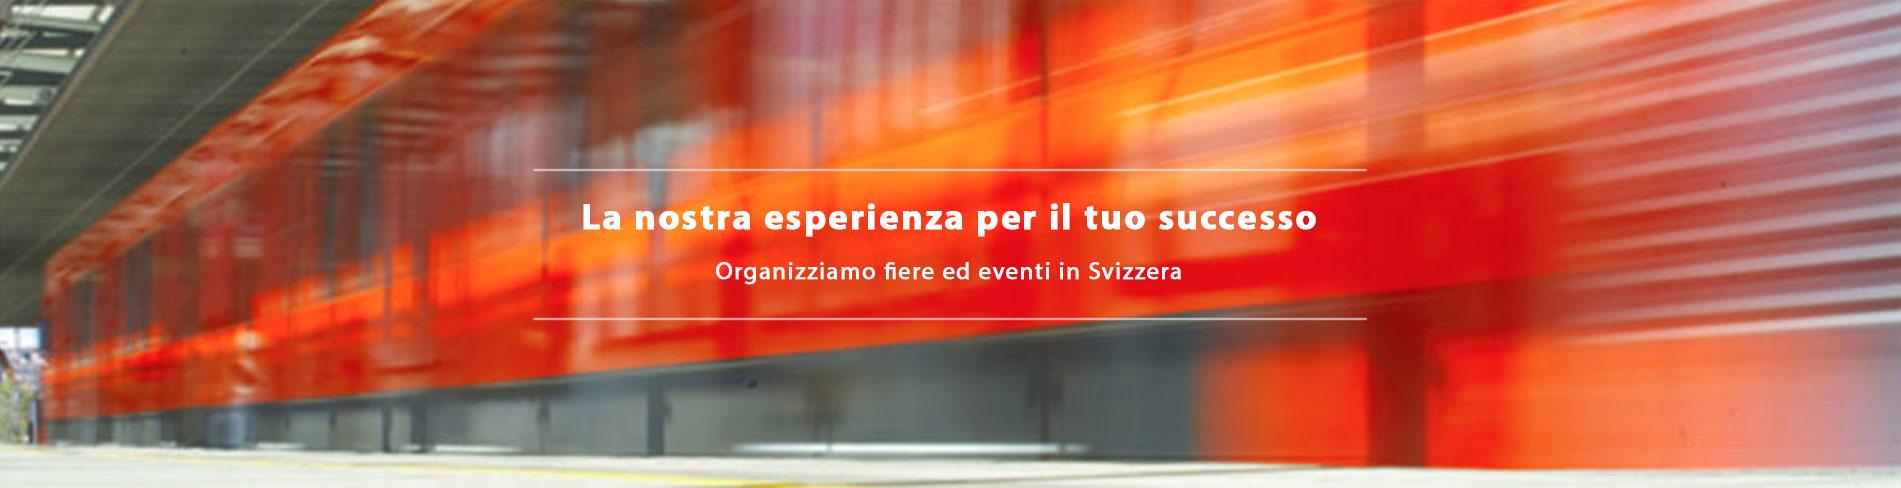 Promax.ch - organizziamo fiere in Ticino e fiere in Svizzera